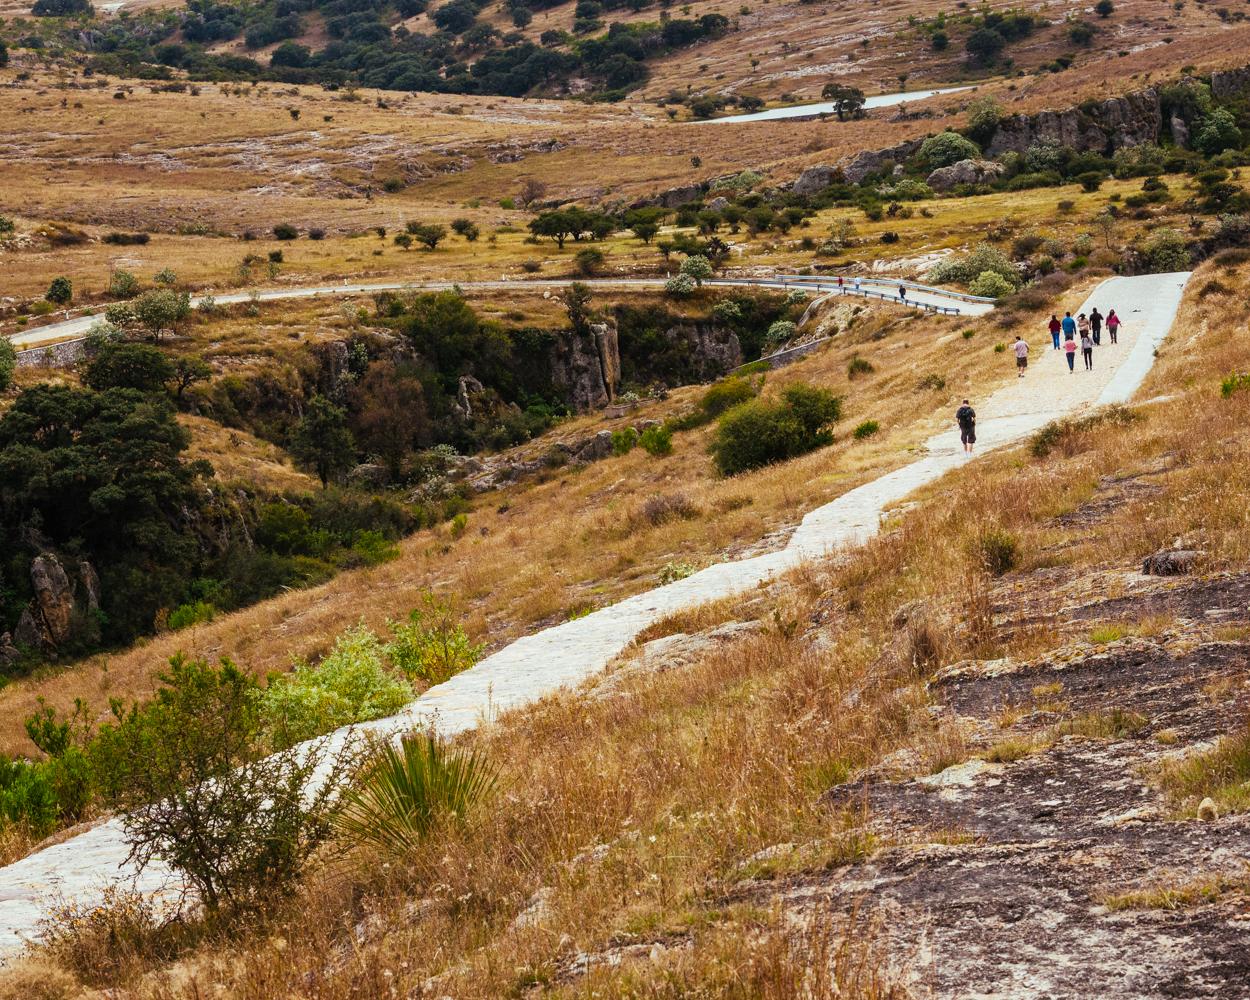 Tour en Cañada de la Virgen, zona arqueologica y asentamiento prehispanico en San Miguel de Allende, Guanajuto, Mexico.